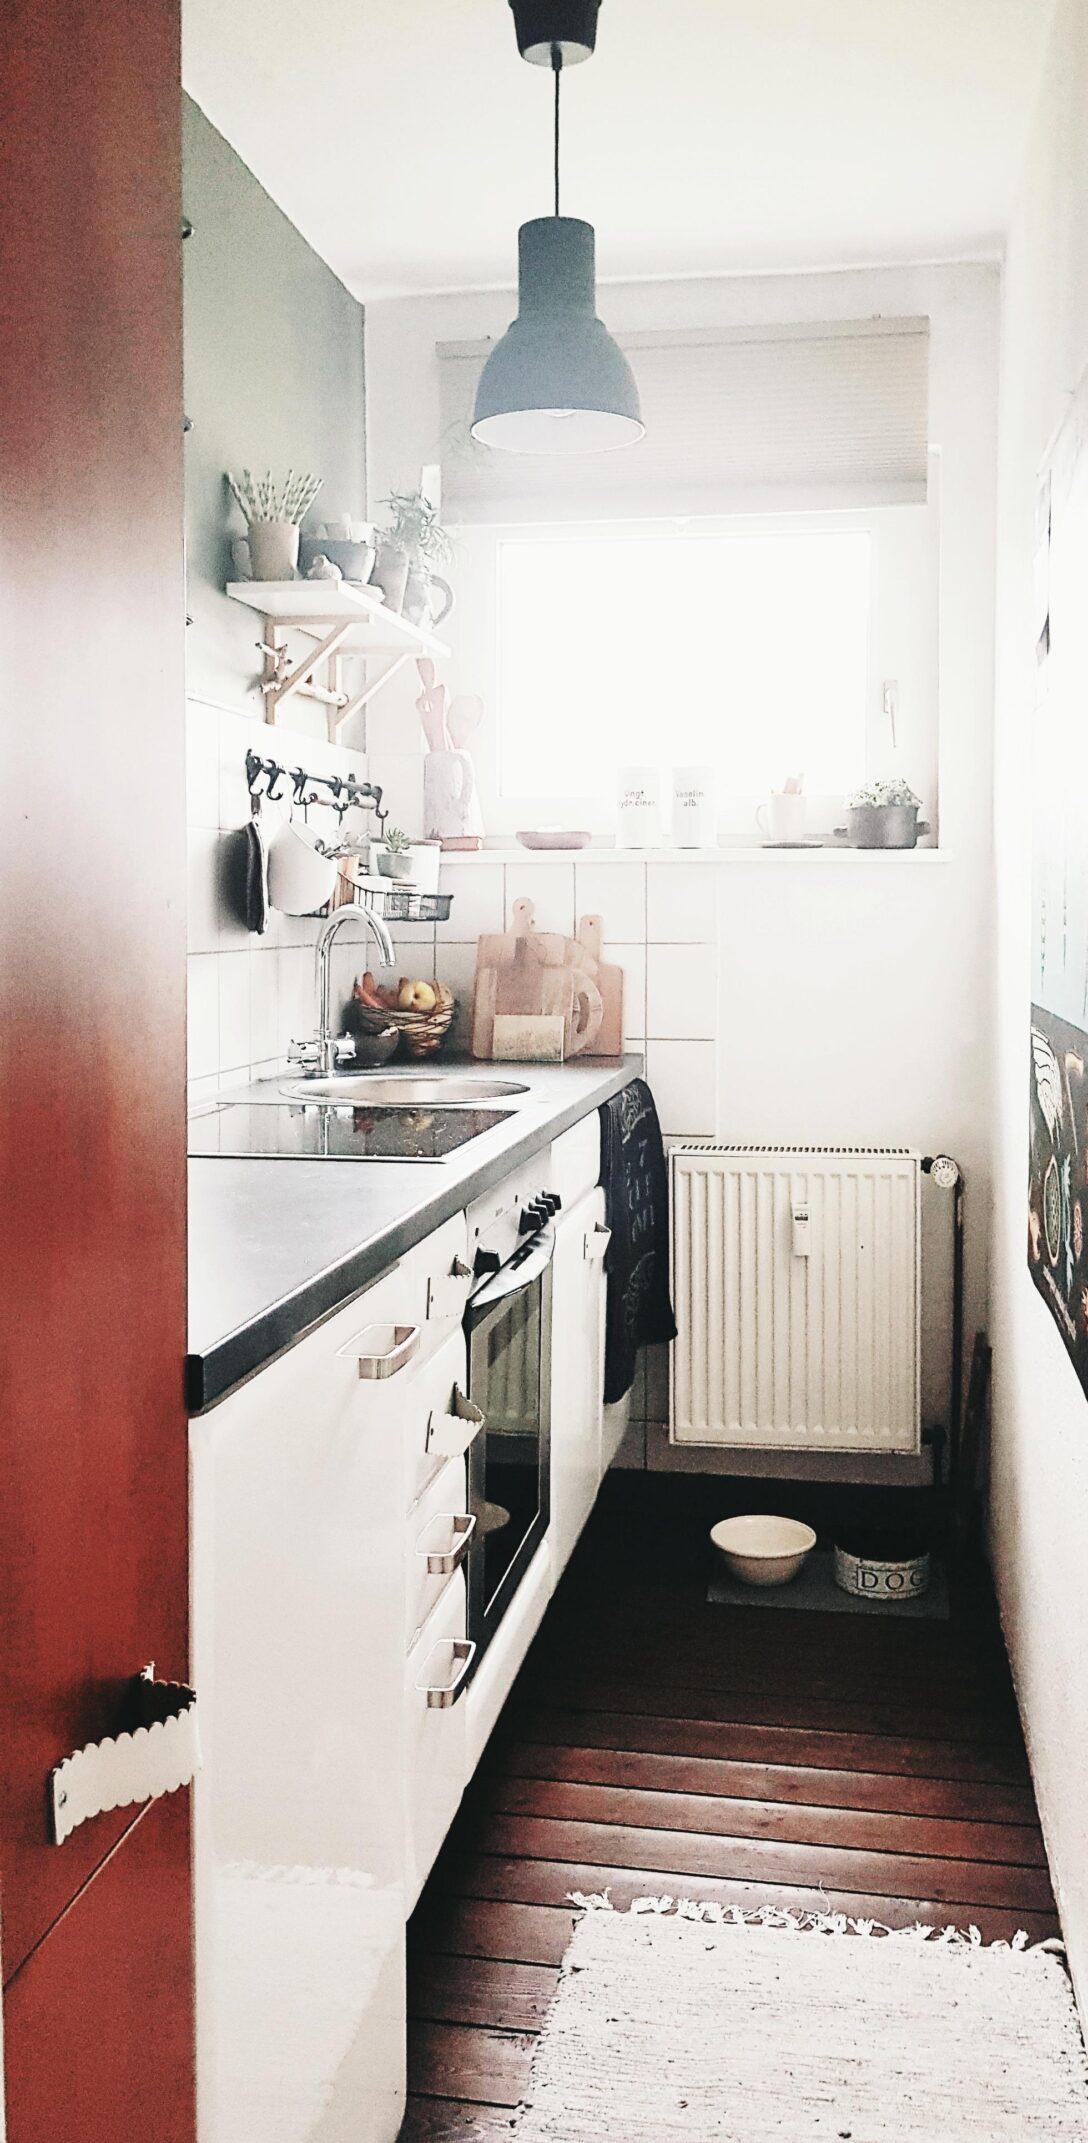 Large Size of Kleine Kuche Essplatz Einbauküche Nobilia Küche Gewinnen Miniküche Mit Kühlschrank Einzelschränke Ikea Kosten Obi Abluftventilator Sitzecke Günstig Wohnzimmer Küche Einrichten Ideen